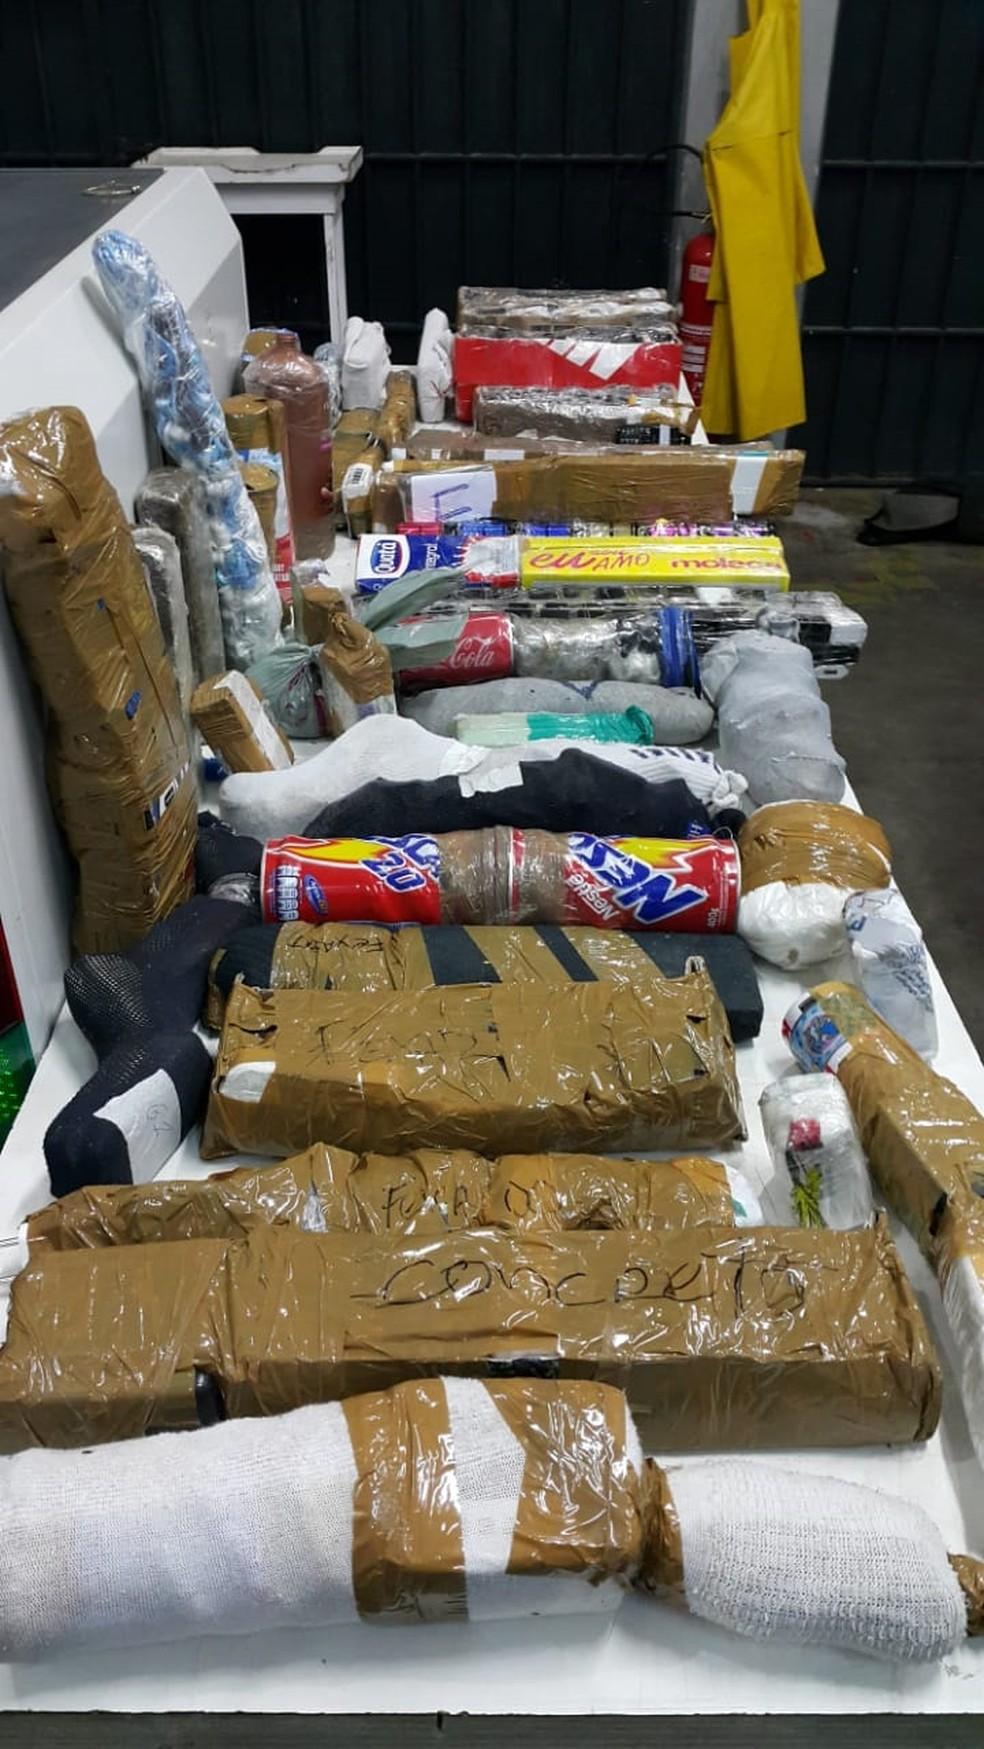 Drogas foram apreendidas em presídio em Tremembé (Foto: Arquivo Pessoal)